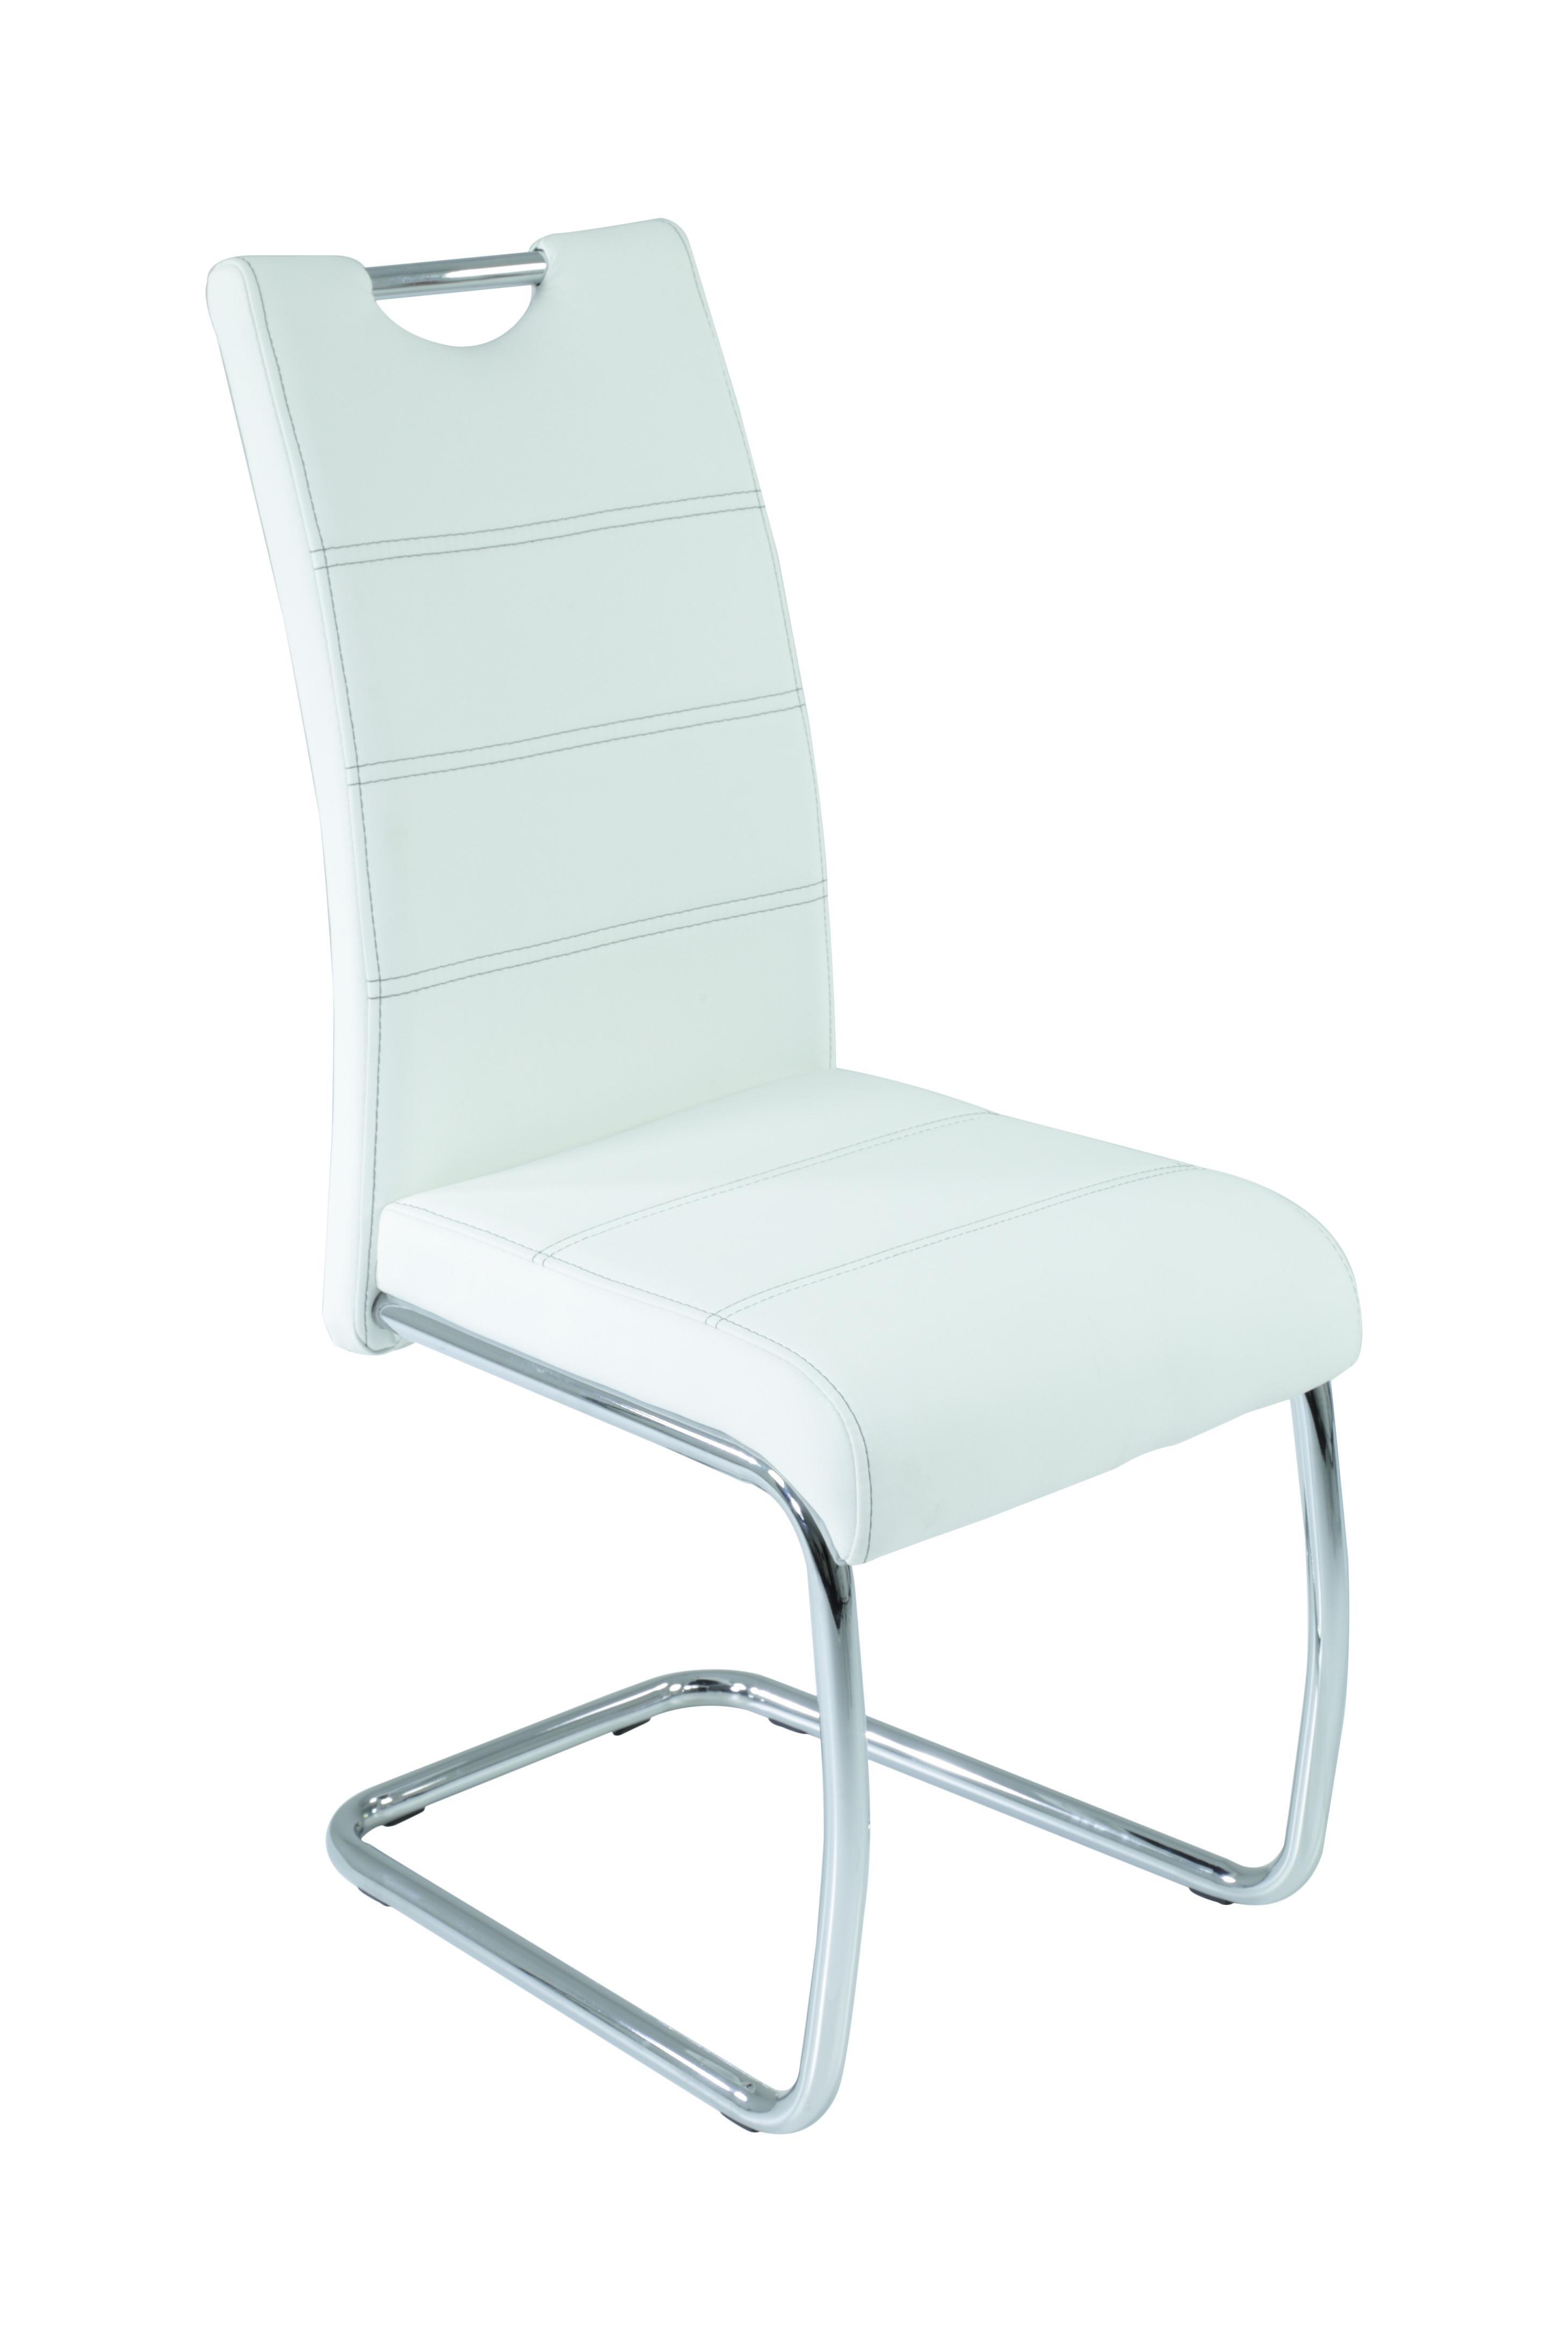 6 Freischwinger=Set Schwinger Stuhl Flora13 Kunstleder Weiß